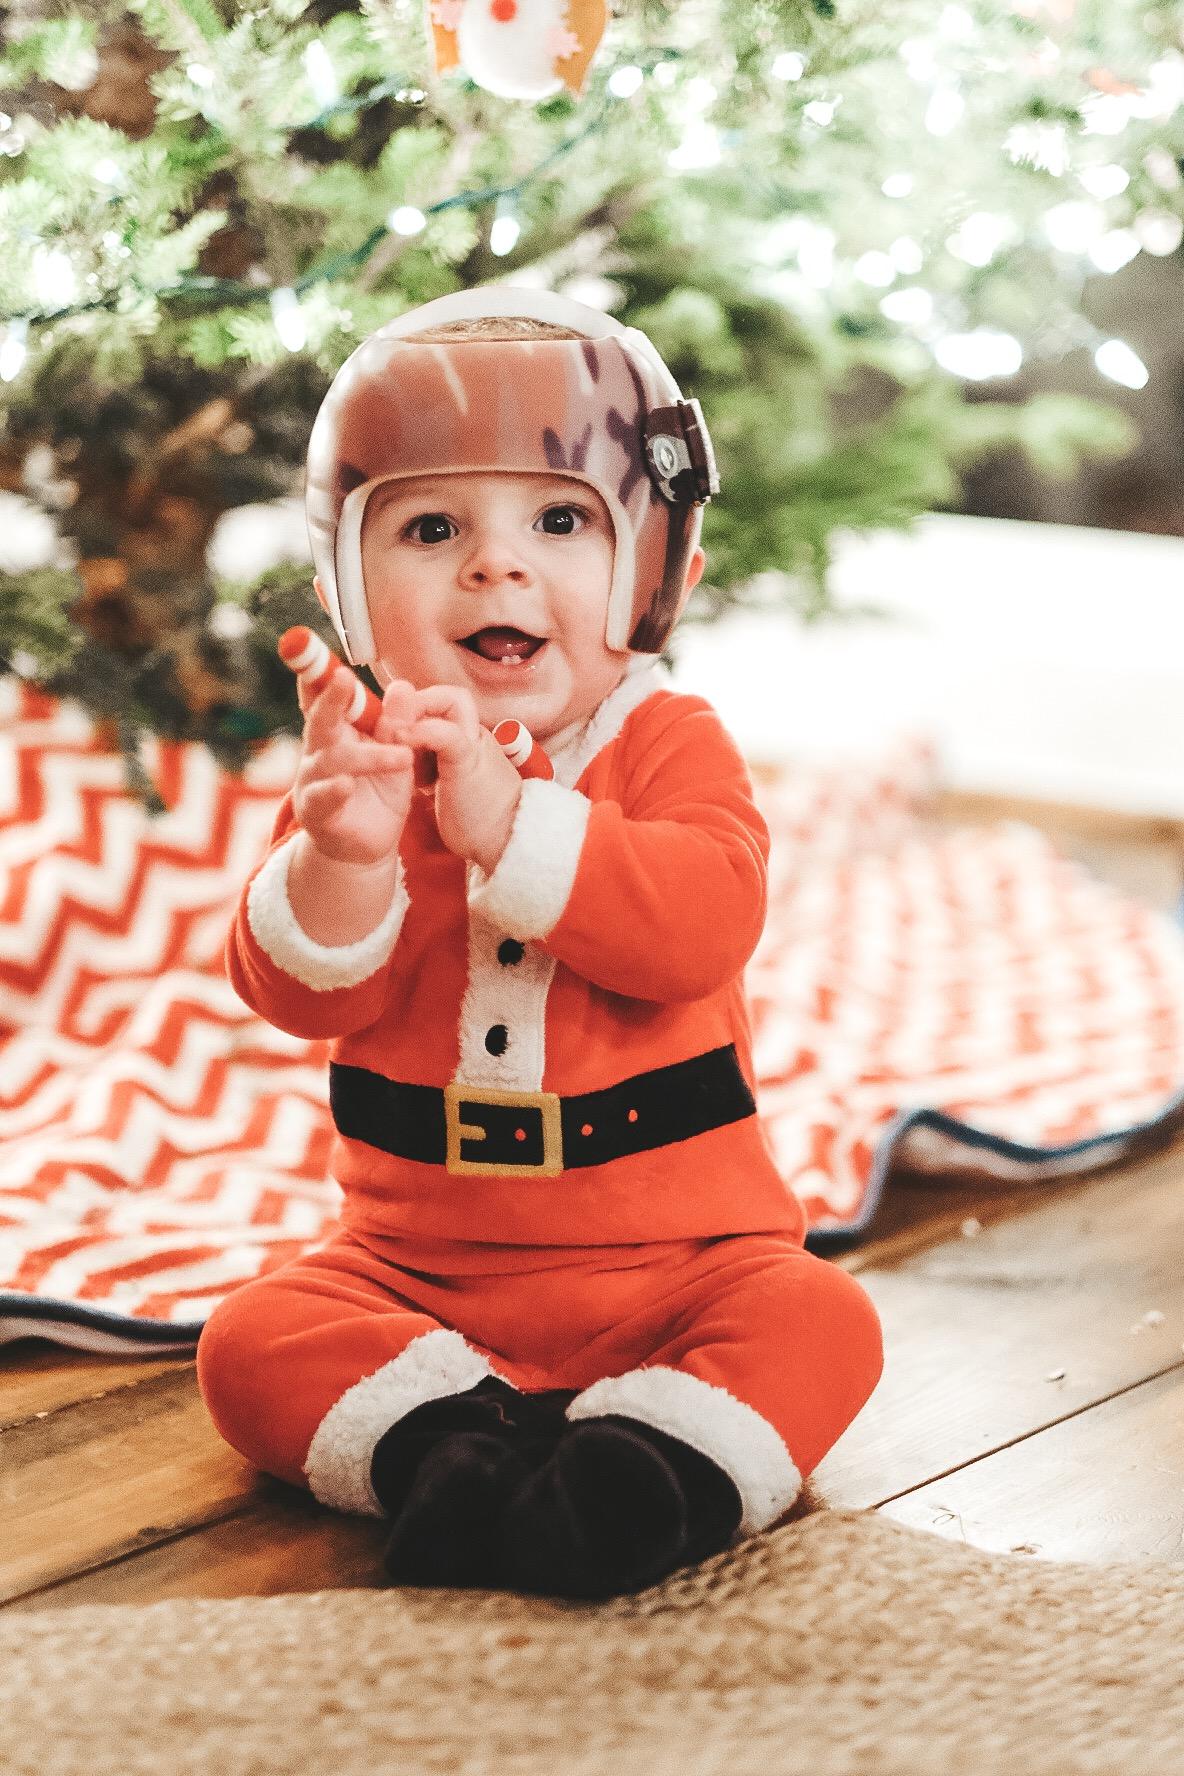 Jett Jones, 8 Months Old. Christmas baby photos.  Starband helmet. Helmet treatment for Plagiocephaly.